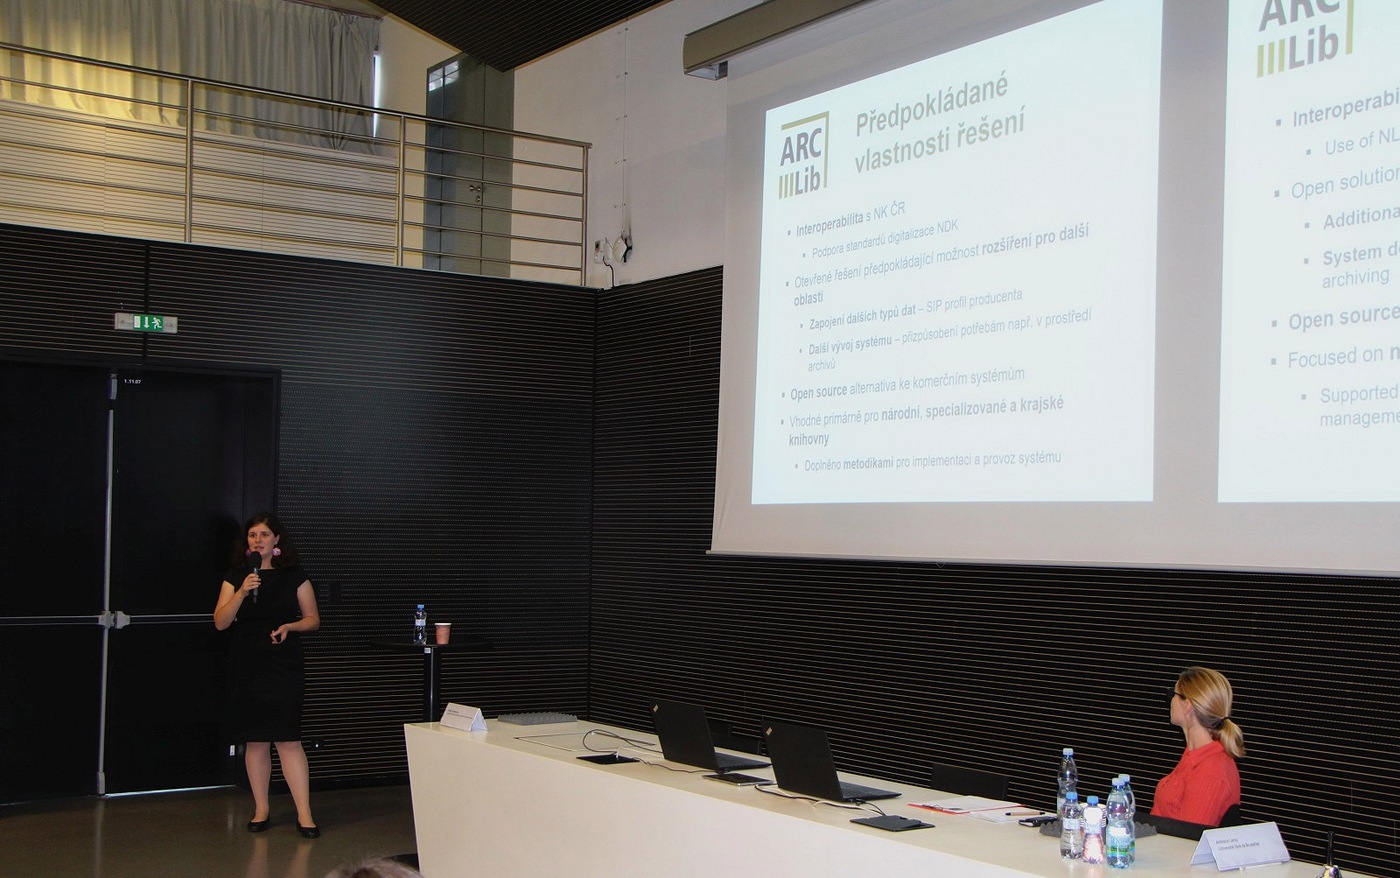 Eliška Pavlásková se společně se Zdeňkem Vaškem věnovala projektu ARCLib